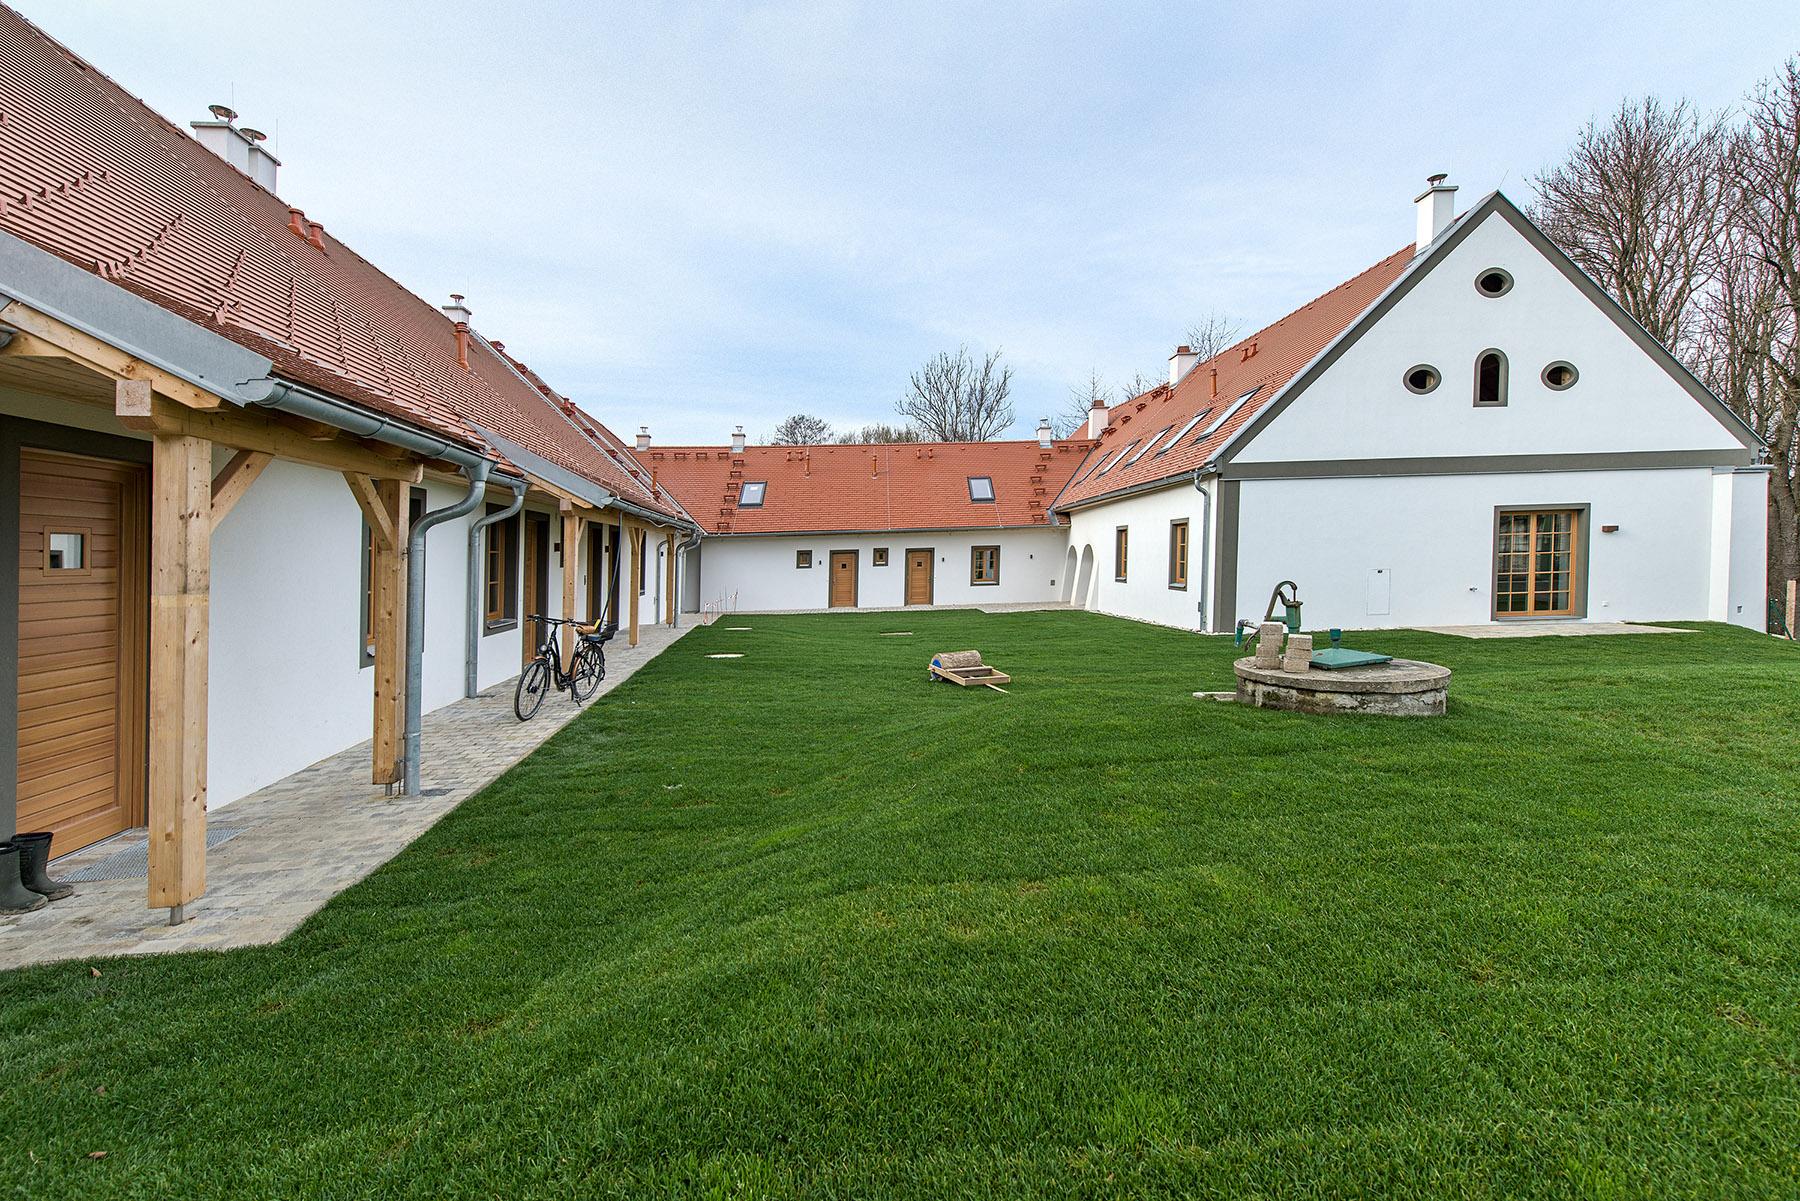 Der Wohntraum im Landhausstil